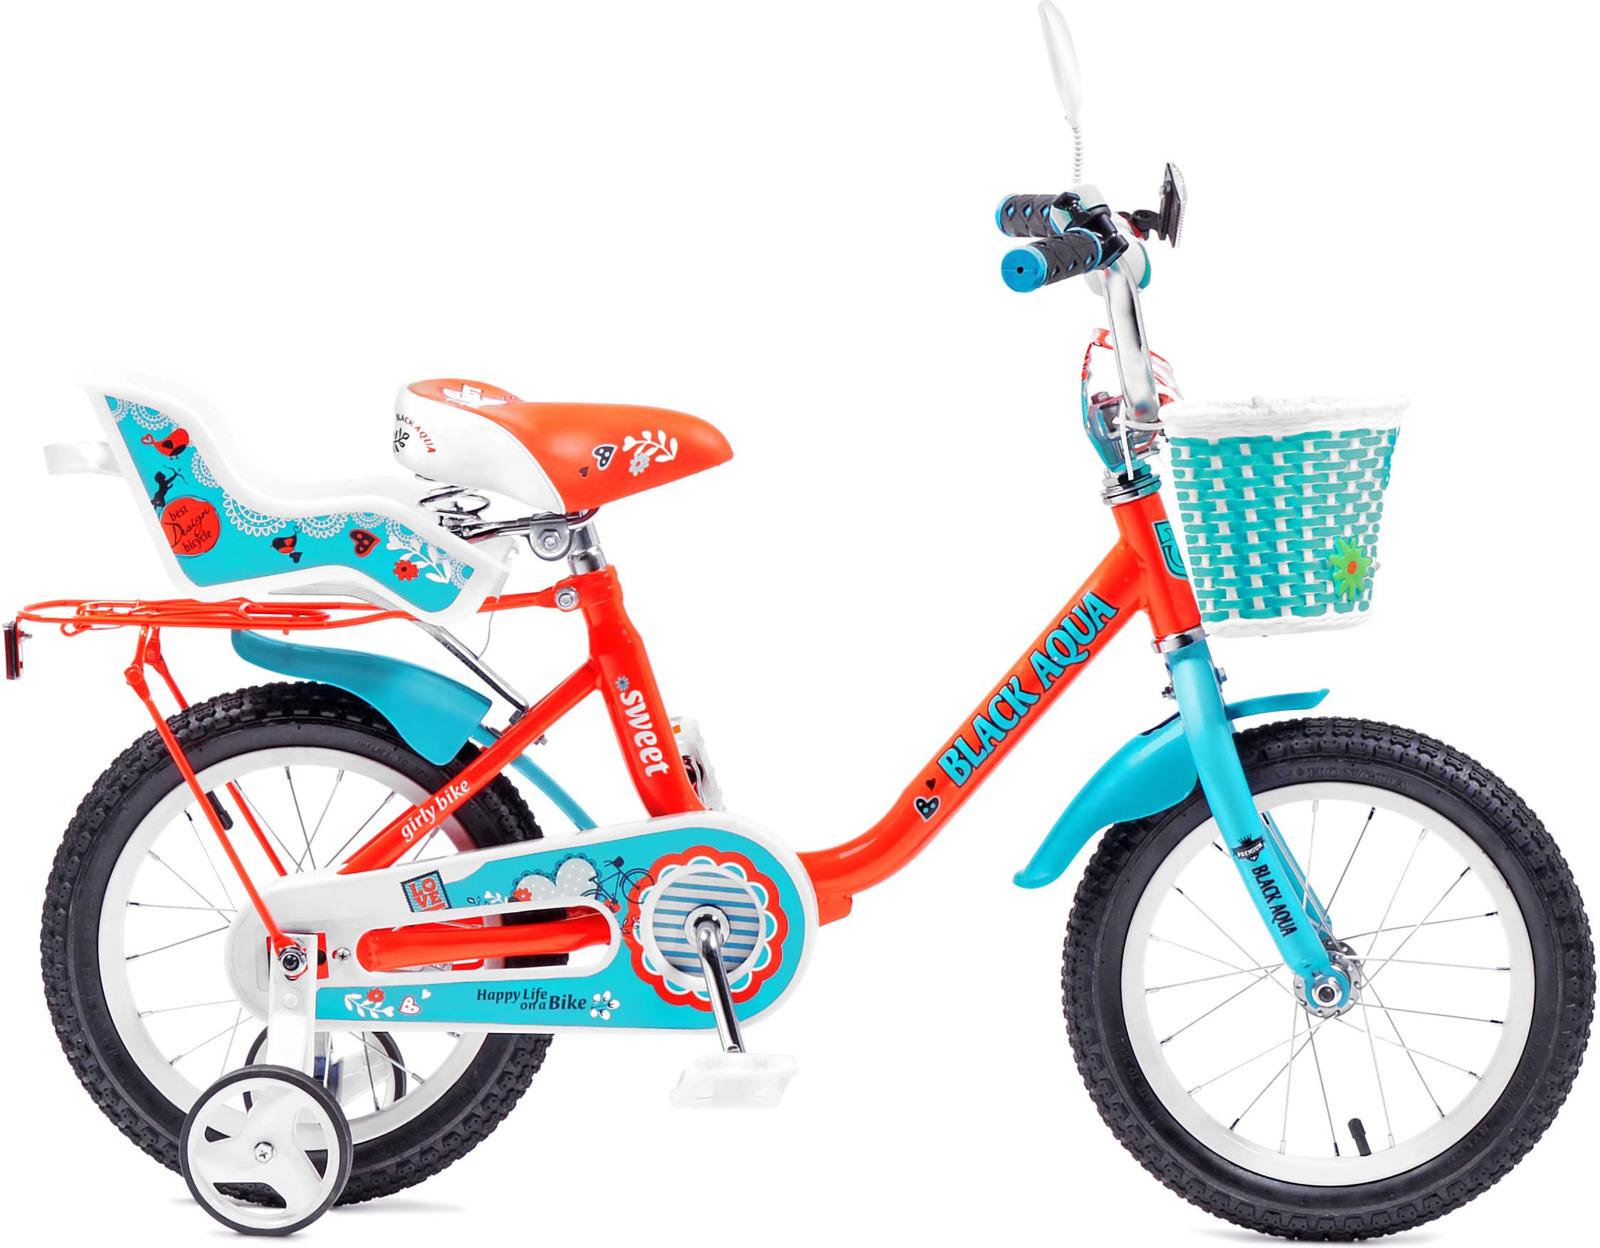 Велосипед детский Black Aqua Sweet, KG1403, колесо 14, алый, бирюзовый